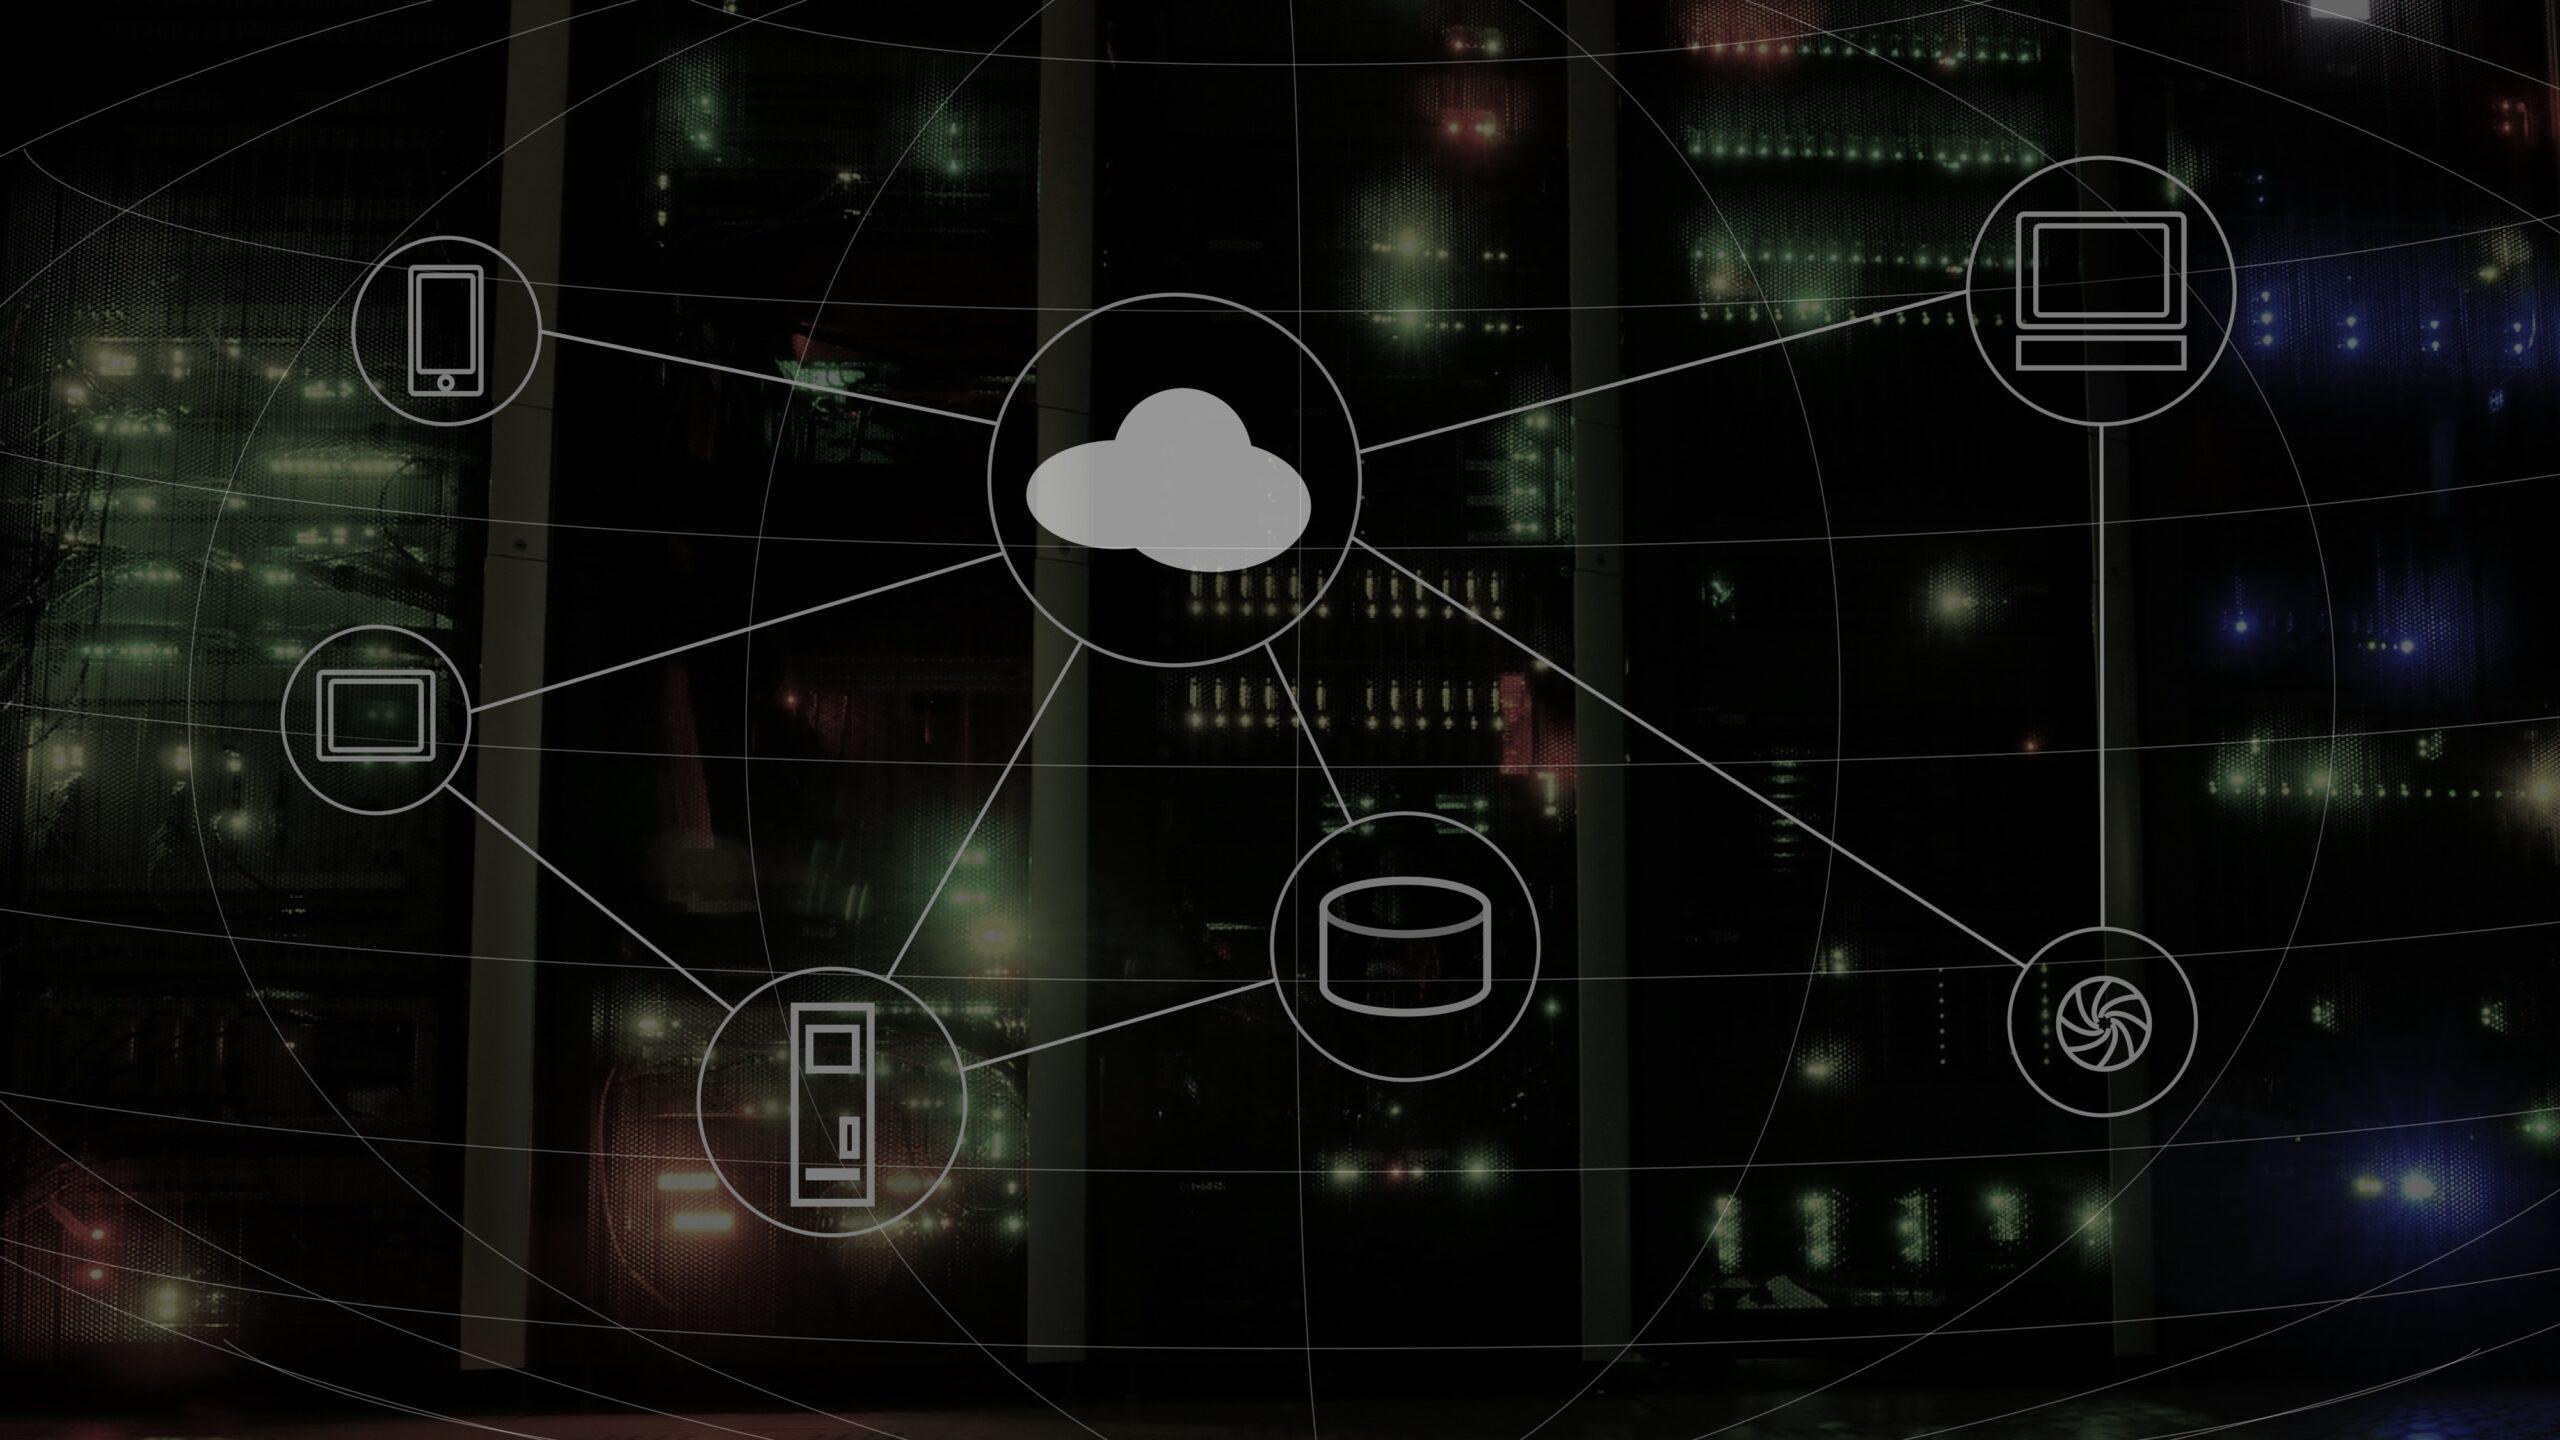 Cloud Pa,以下是 Fincantieri(與 Irideos)避免被 CDP 排斥的最新舉措